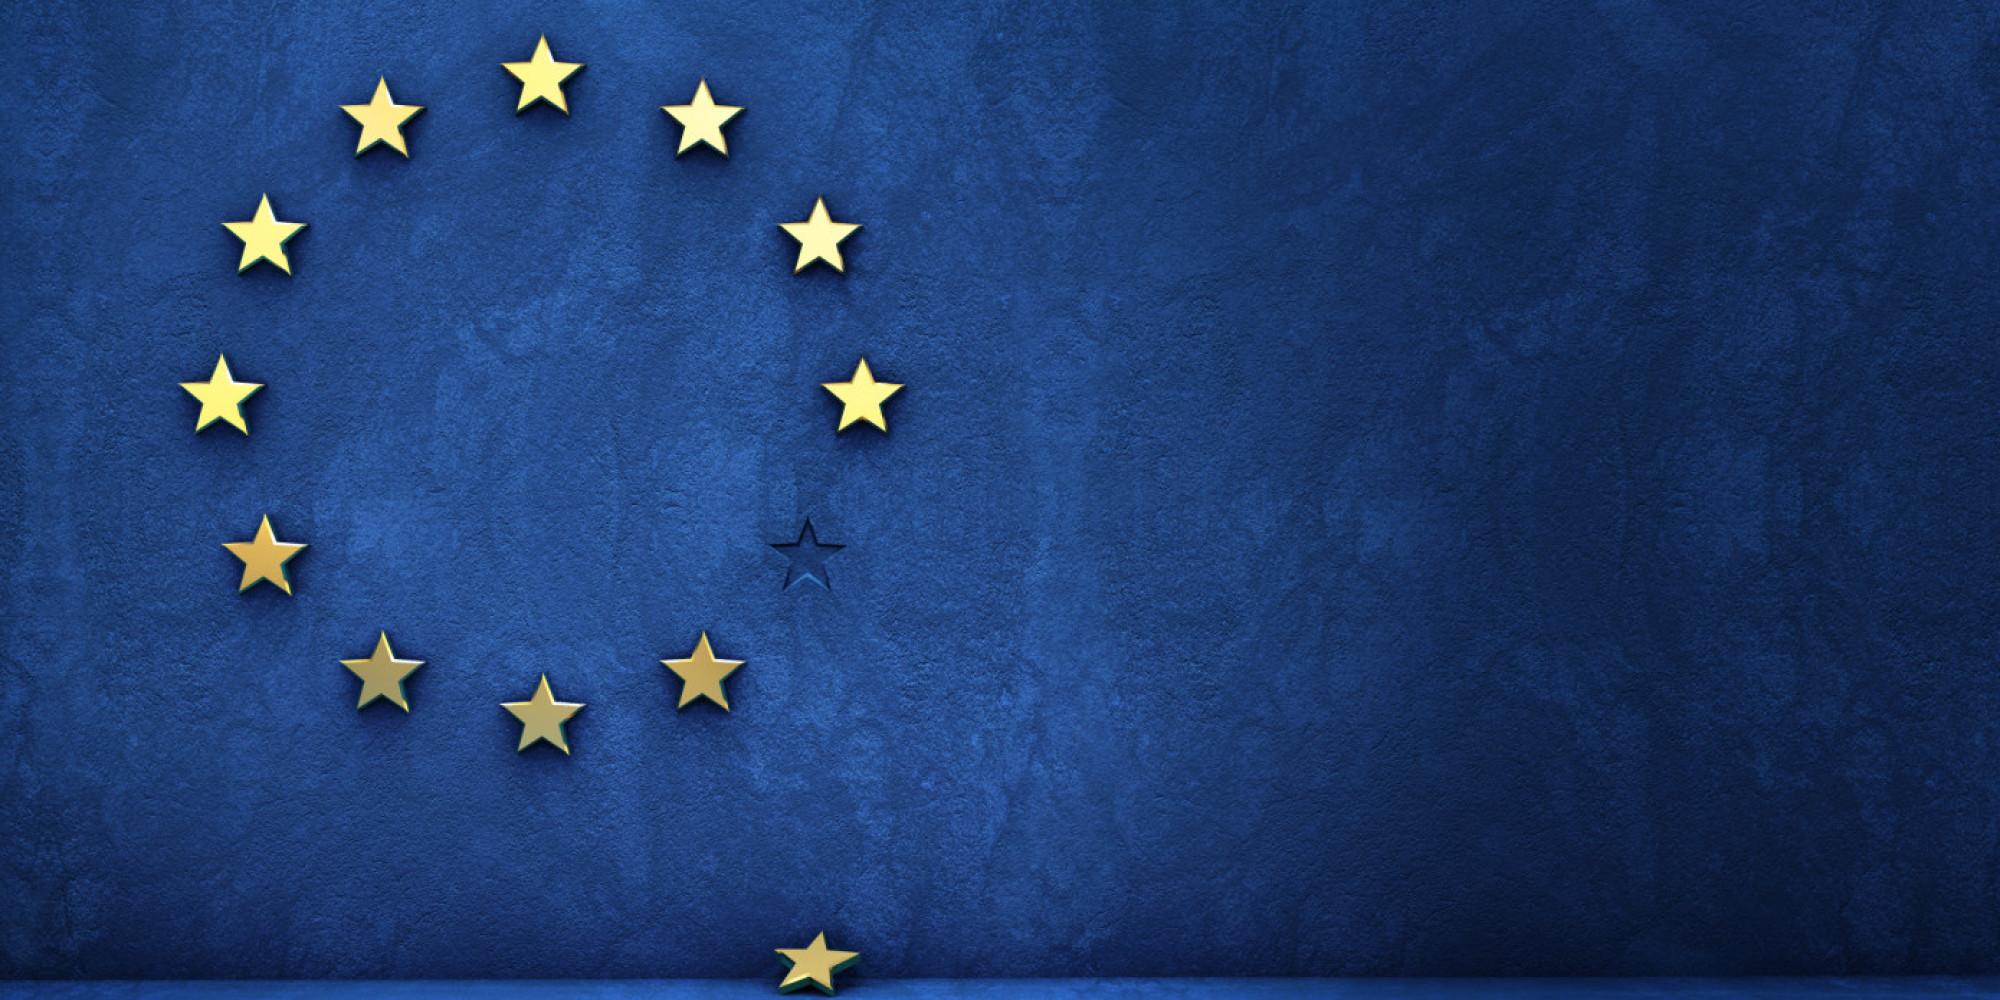 6 punkte plan für europas zukunft | lutz goebel, Schlafzimmer entwurf